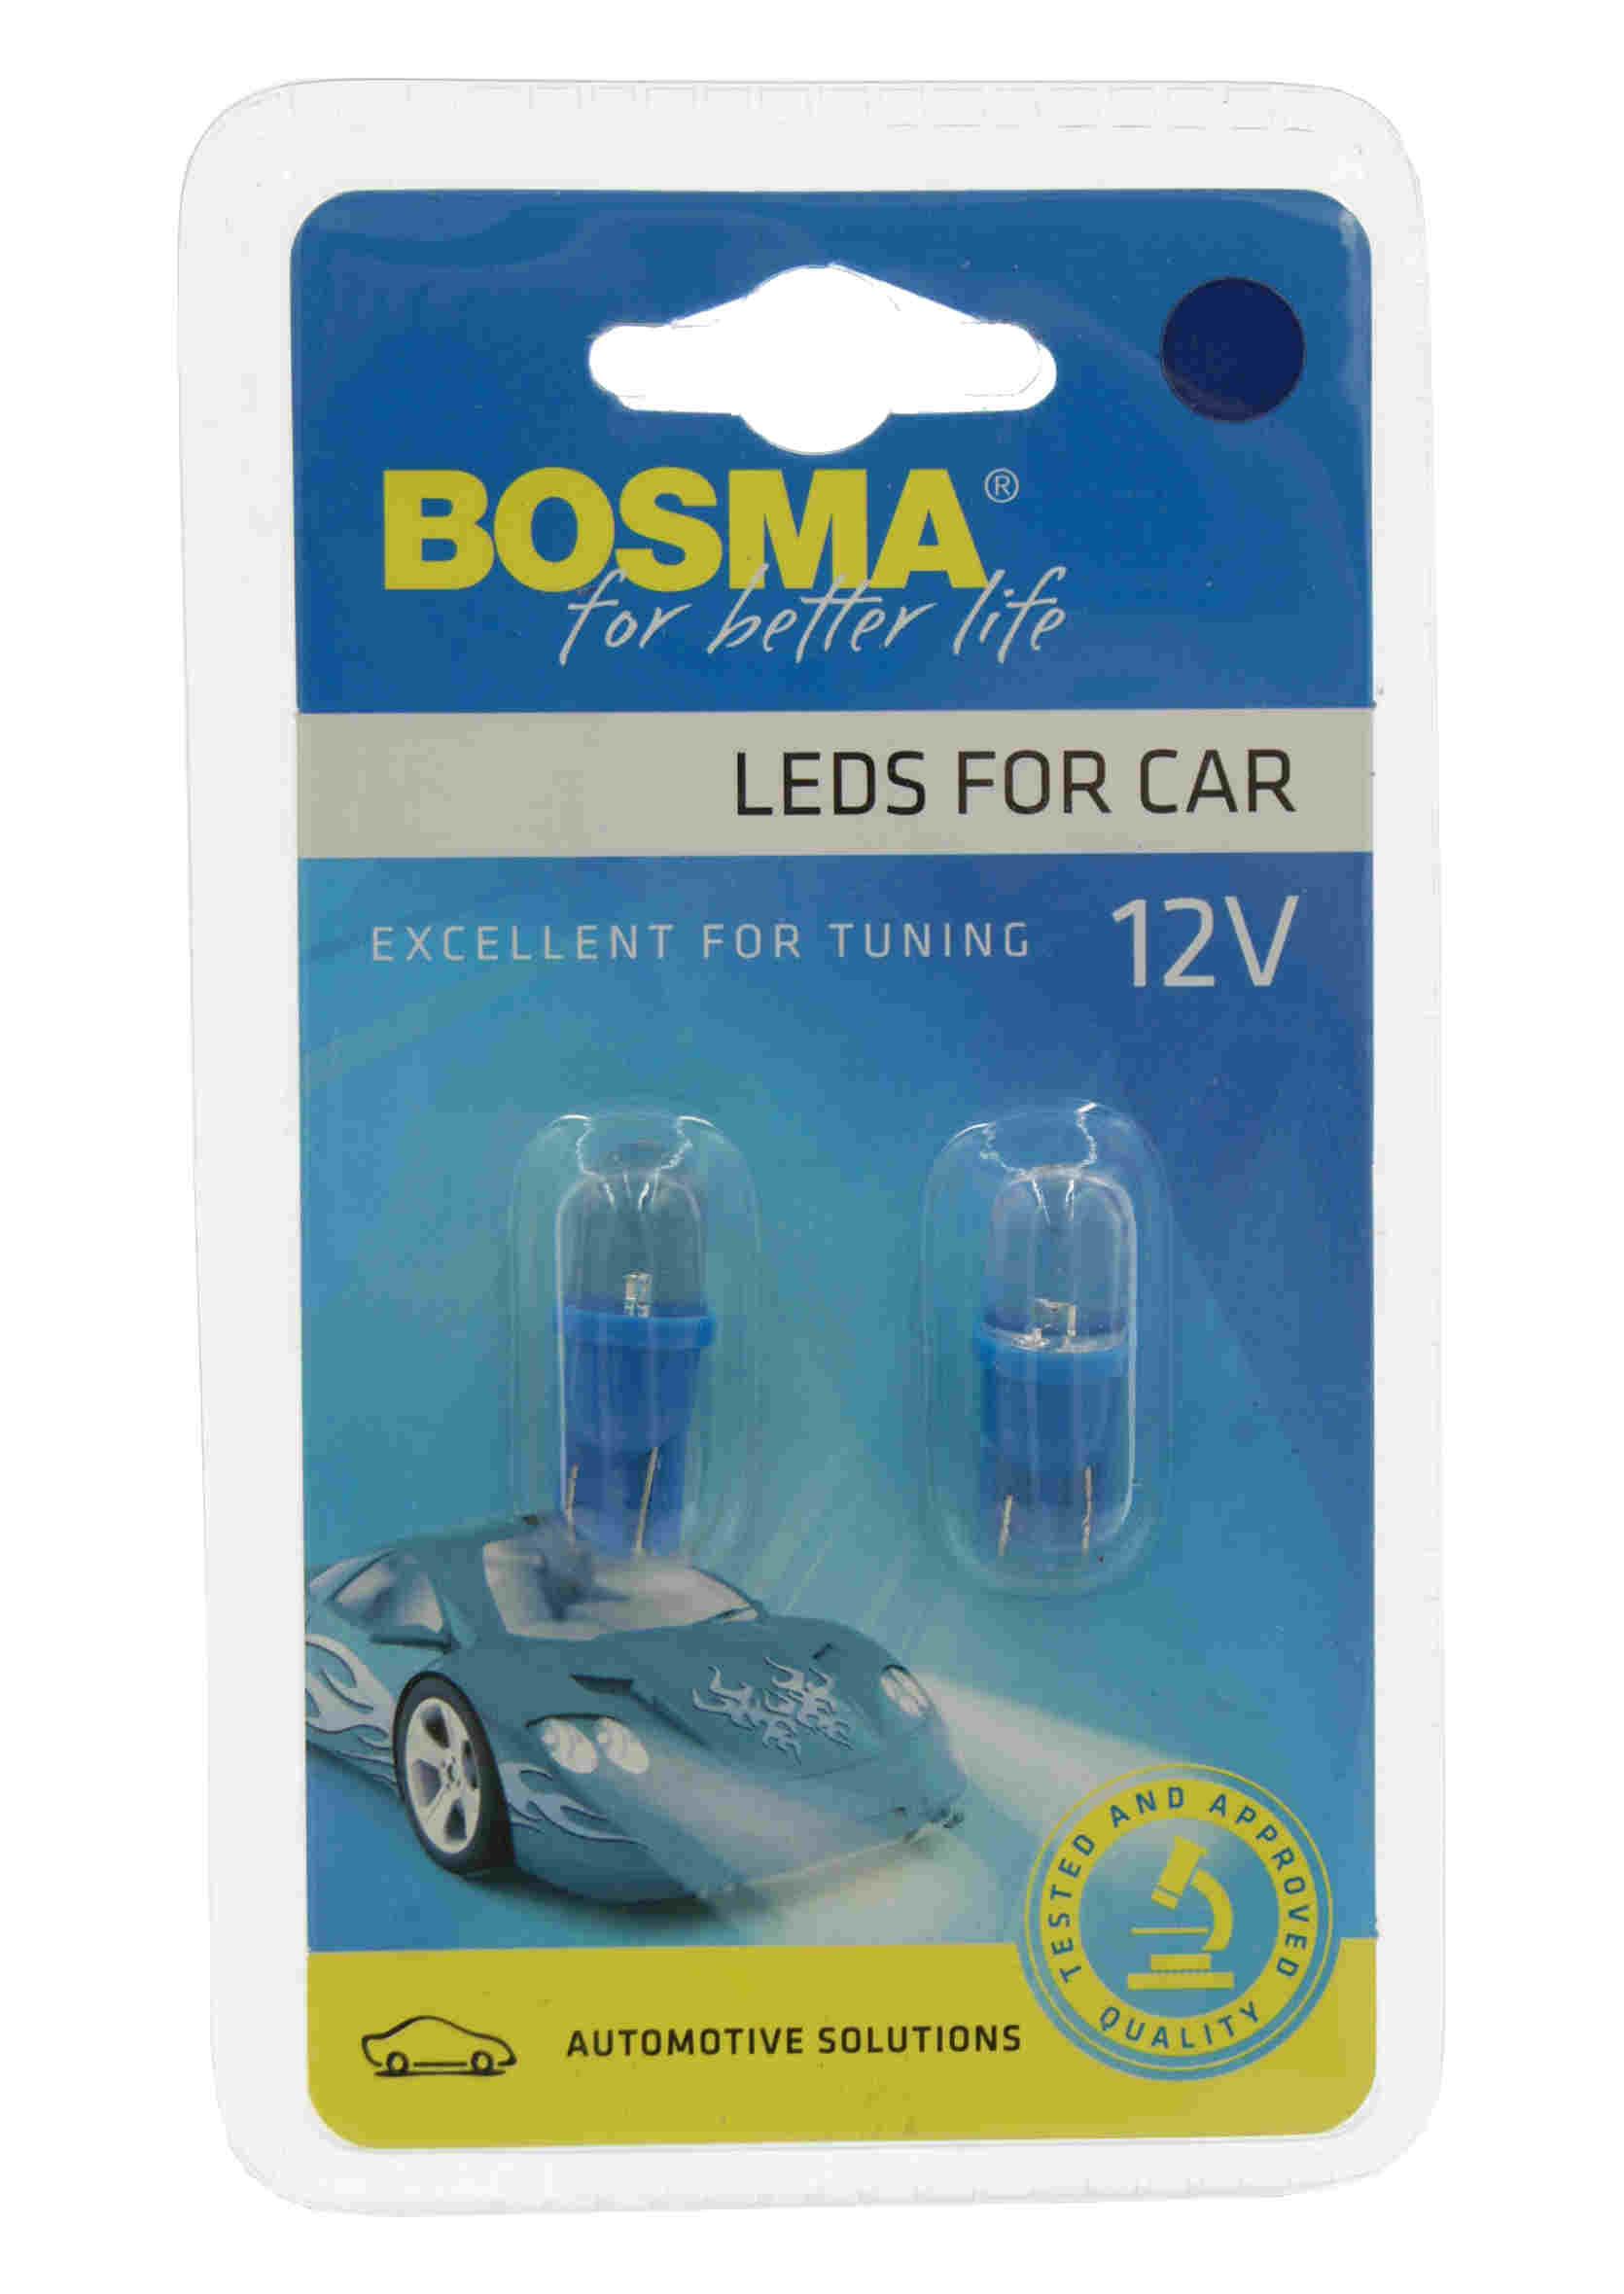 Bosma LED 2427 W5W 12V T10 1xLED Blue Żarówki Samochodowe Niebieskie 2szt.